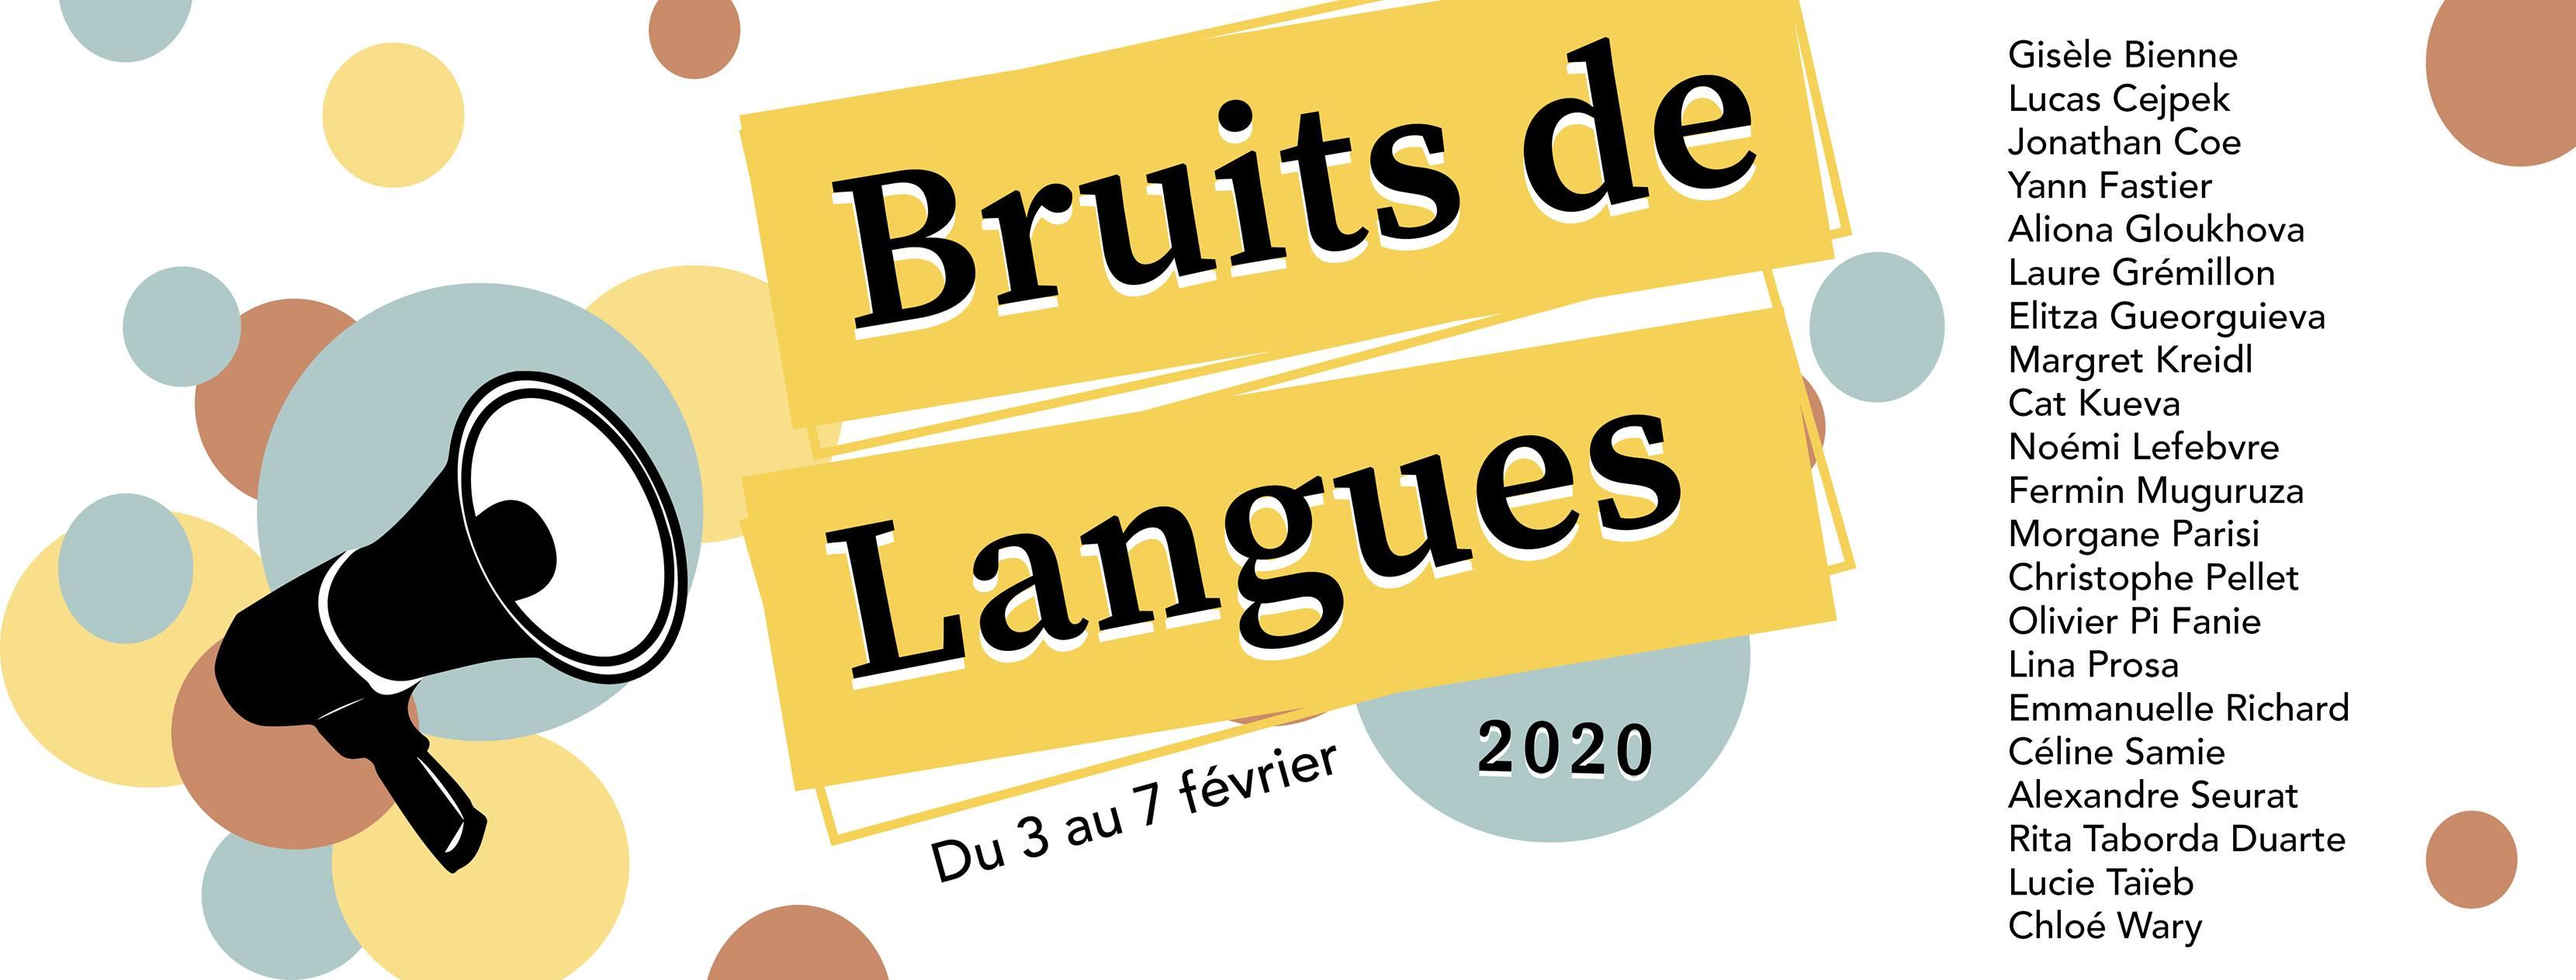 Bruits de langues: déjà dix ans!